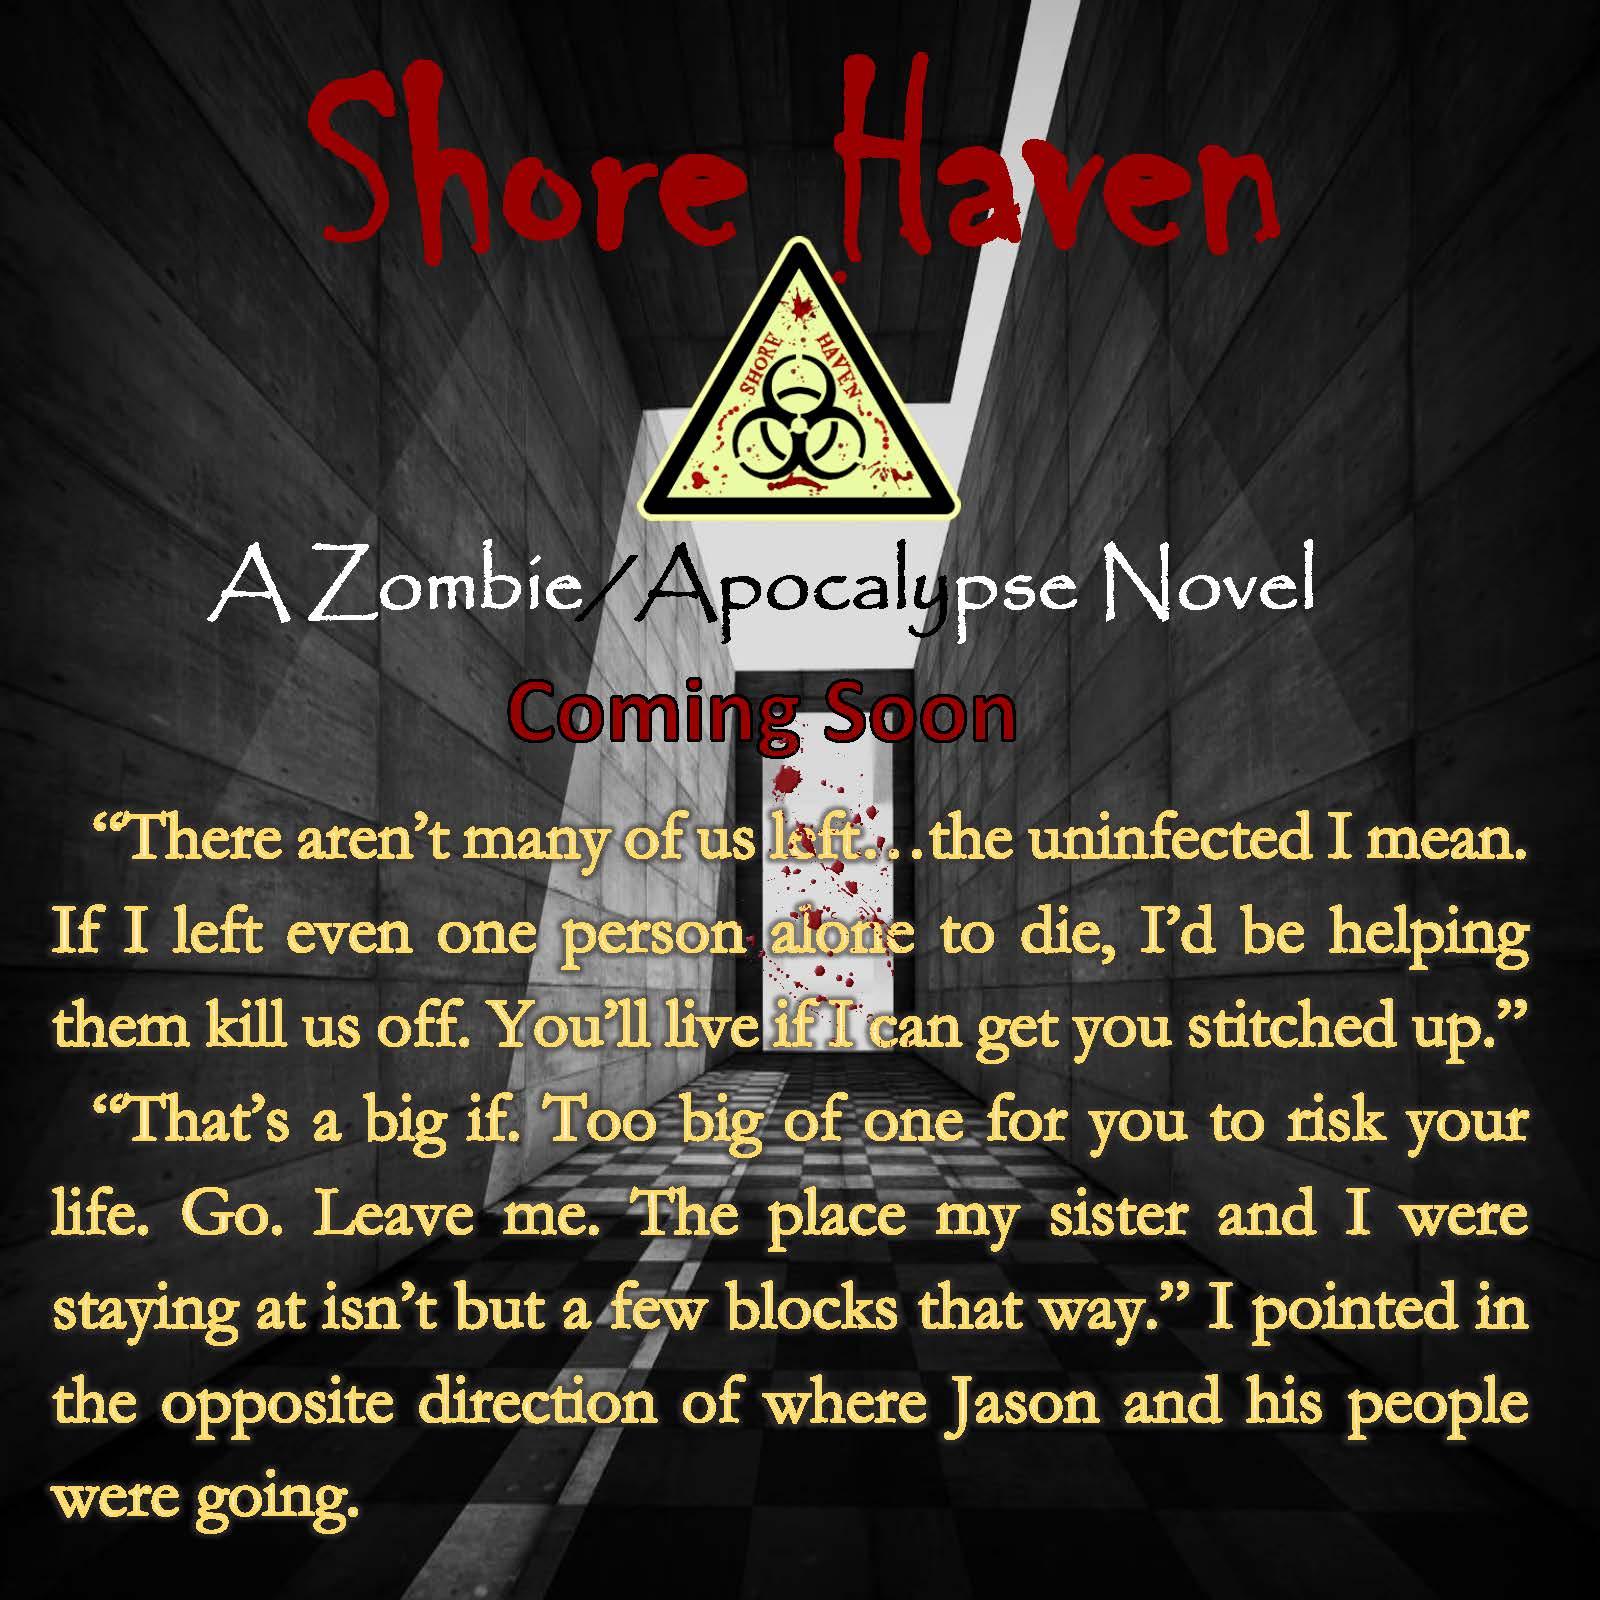 Shore Haven Excerpt 28.jpg